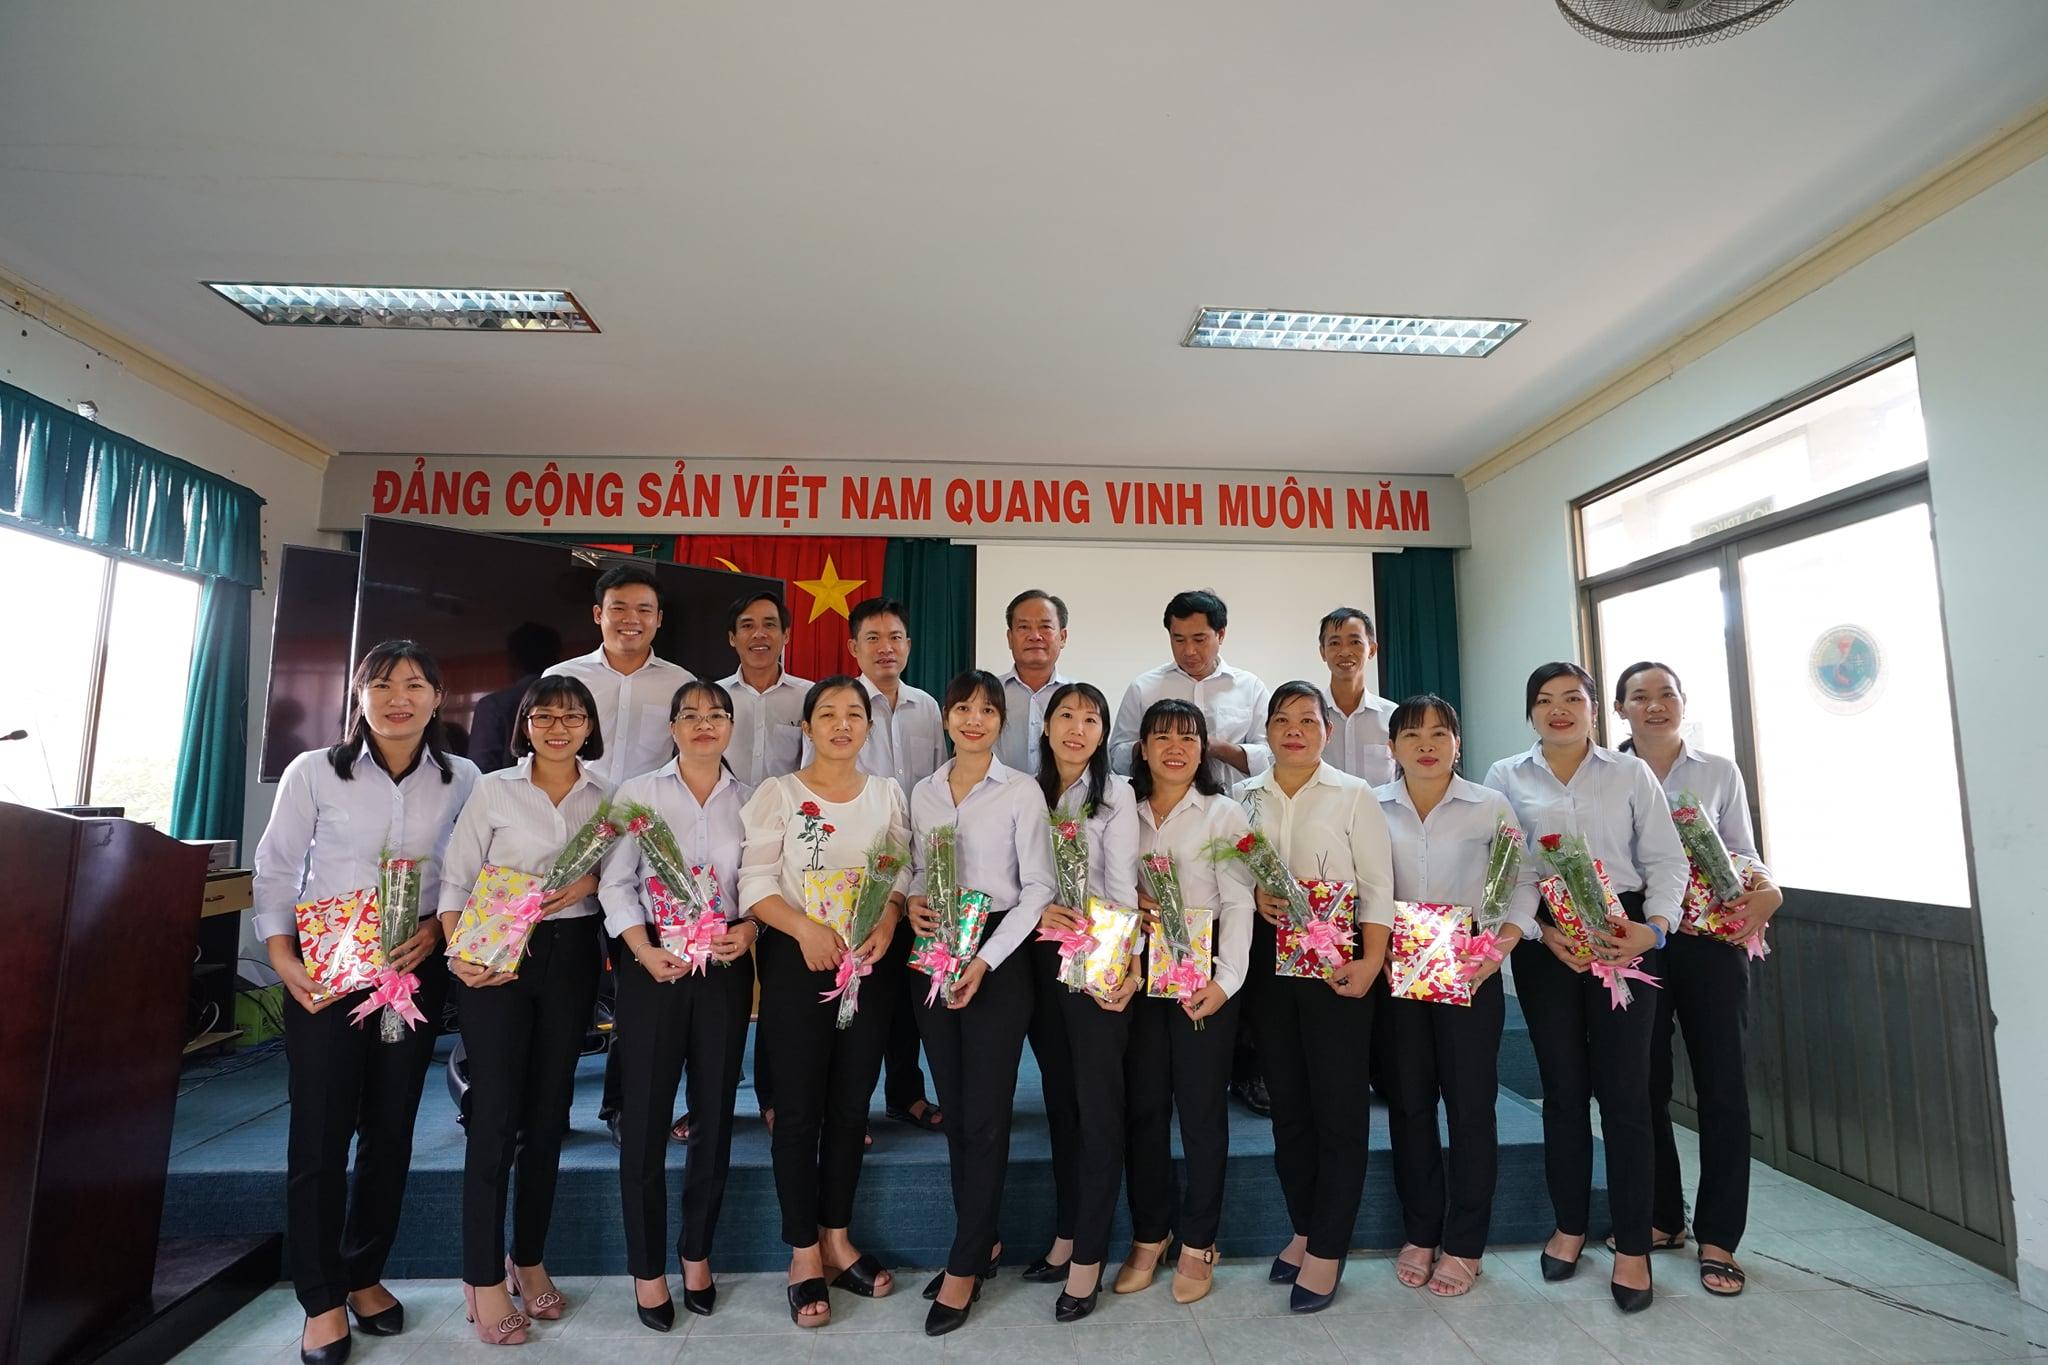 Họp mặt truyền thống chào mừng kỷ niệm 90 năm Ngày thành lập Hội Liên hiệp Phụ nữ Việt Nam (20/10/1930-20/10/2020)